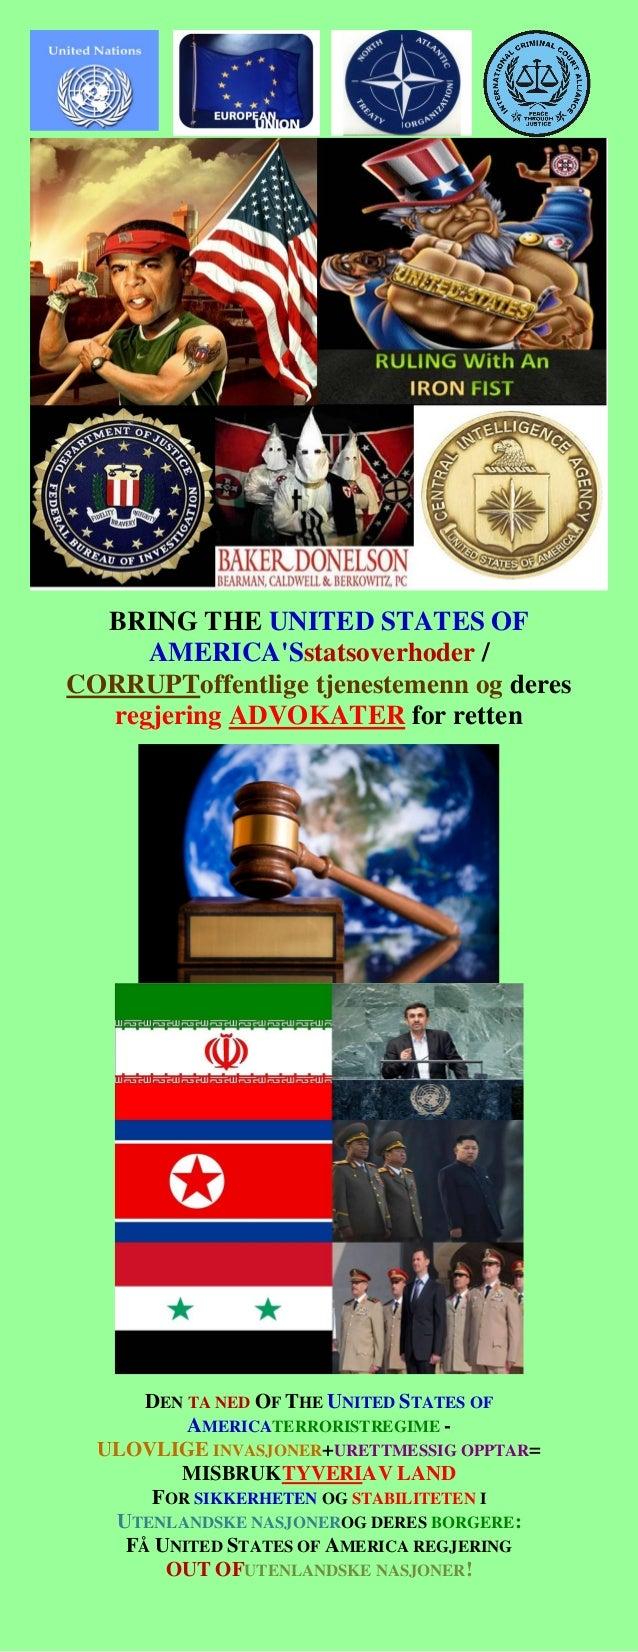 BRING THE UNITED STATES OF AMERICA'Sstatsoverhoder / CORRUPToffentlige tjenestemenn og deres regjering ADVOKATER for rette...